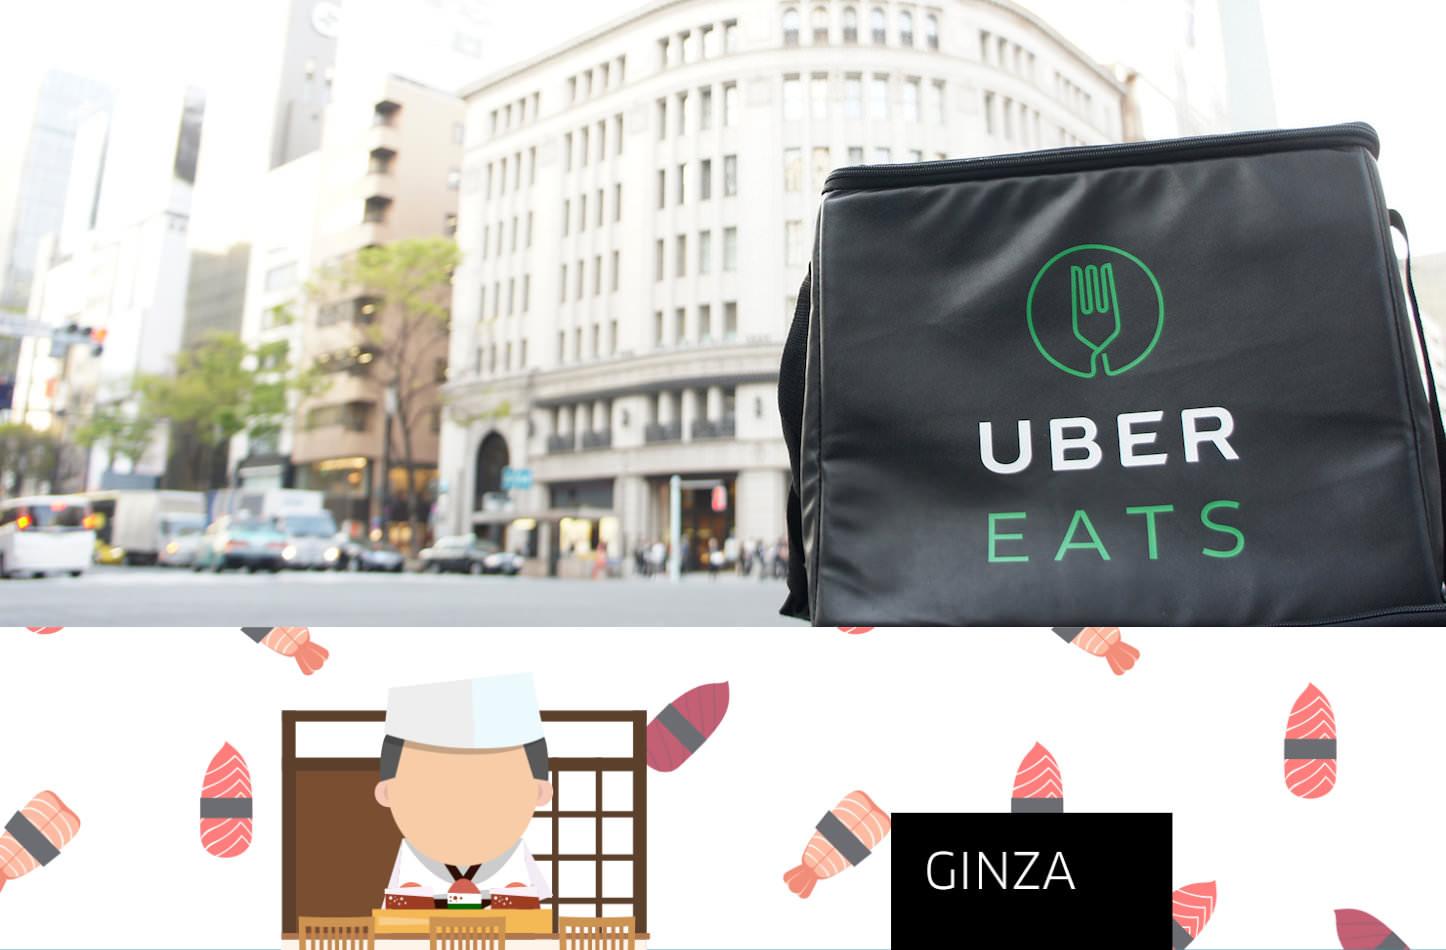 Uber Eats Ginza